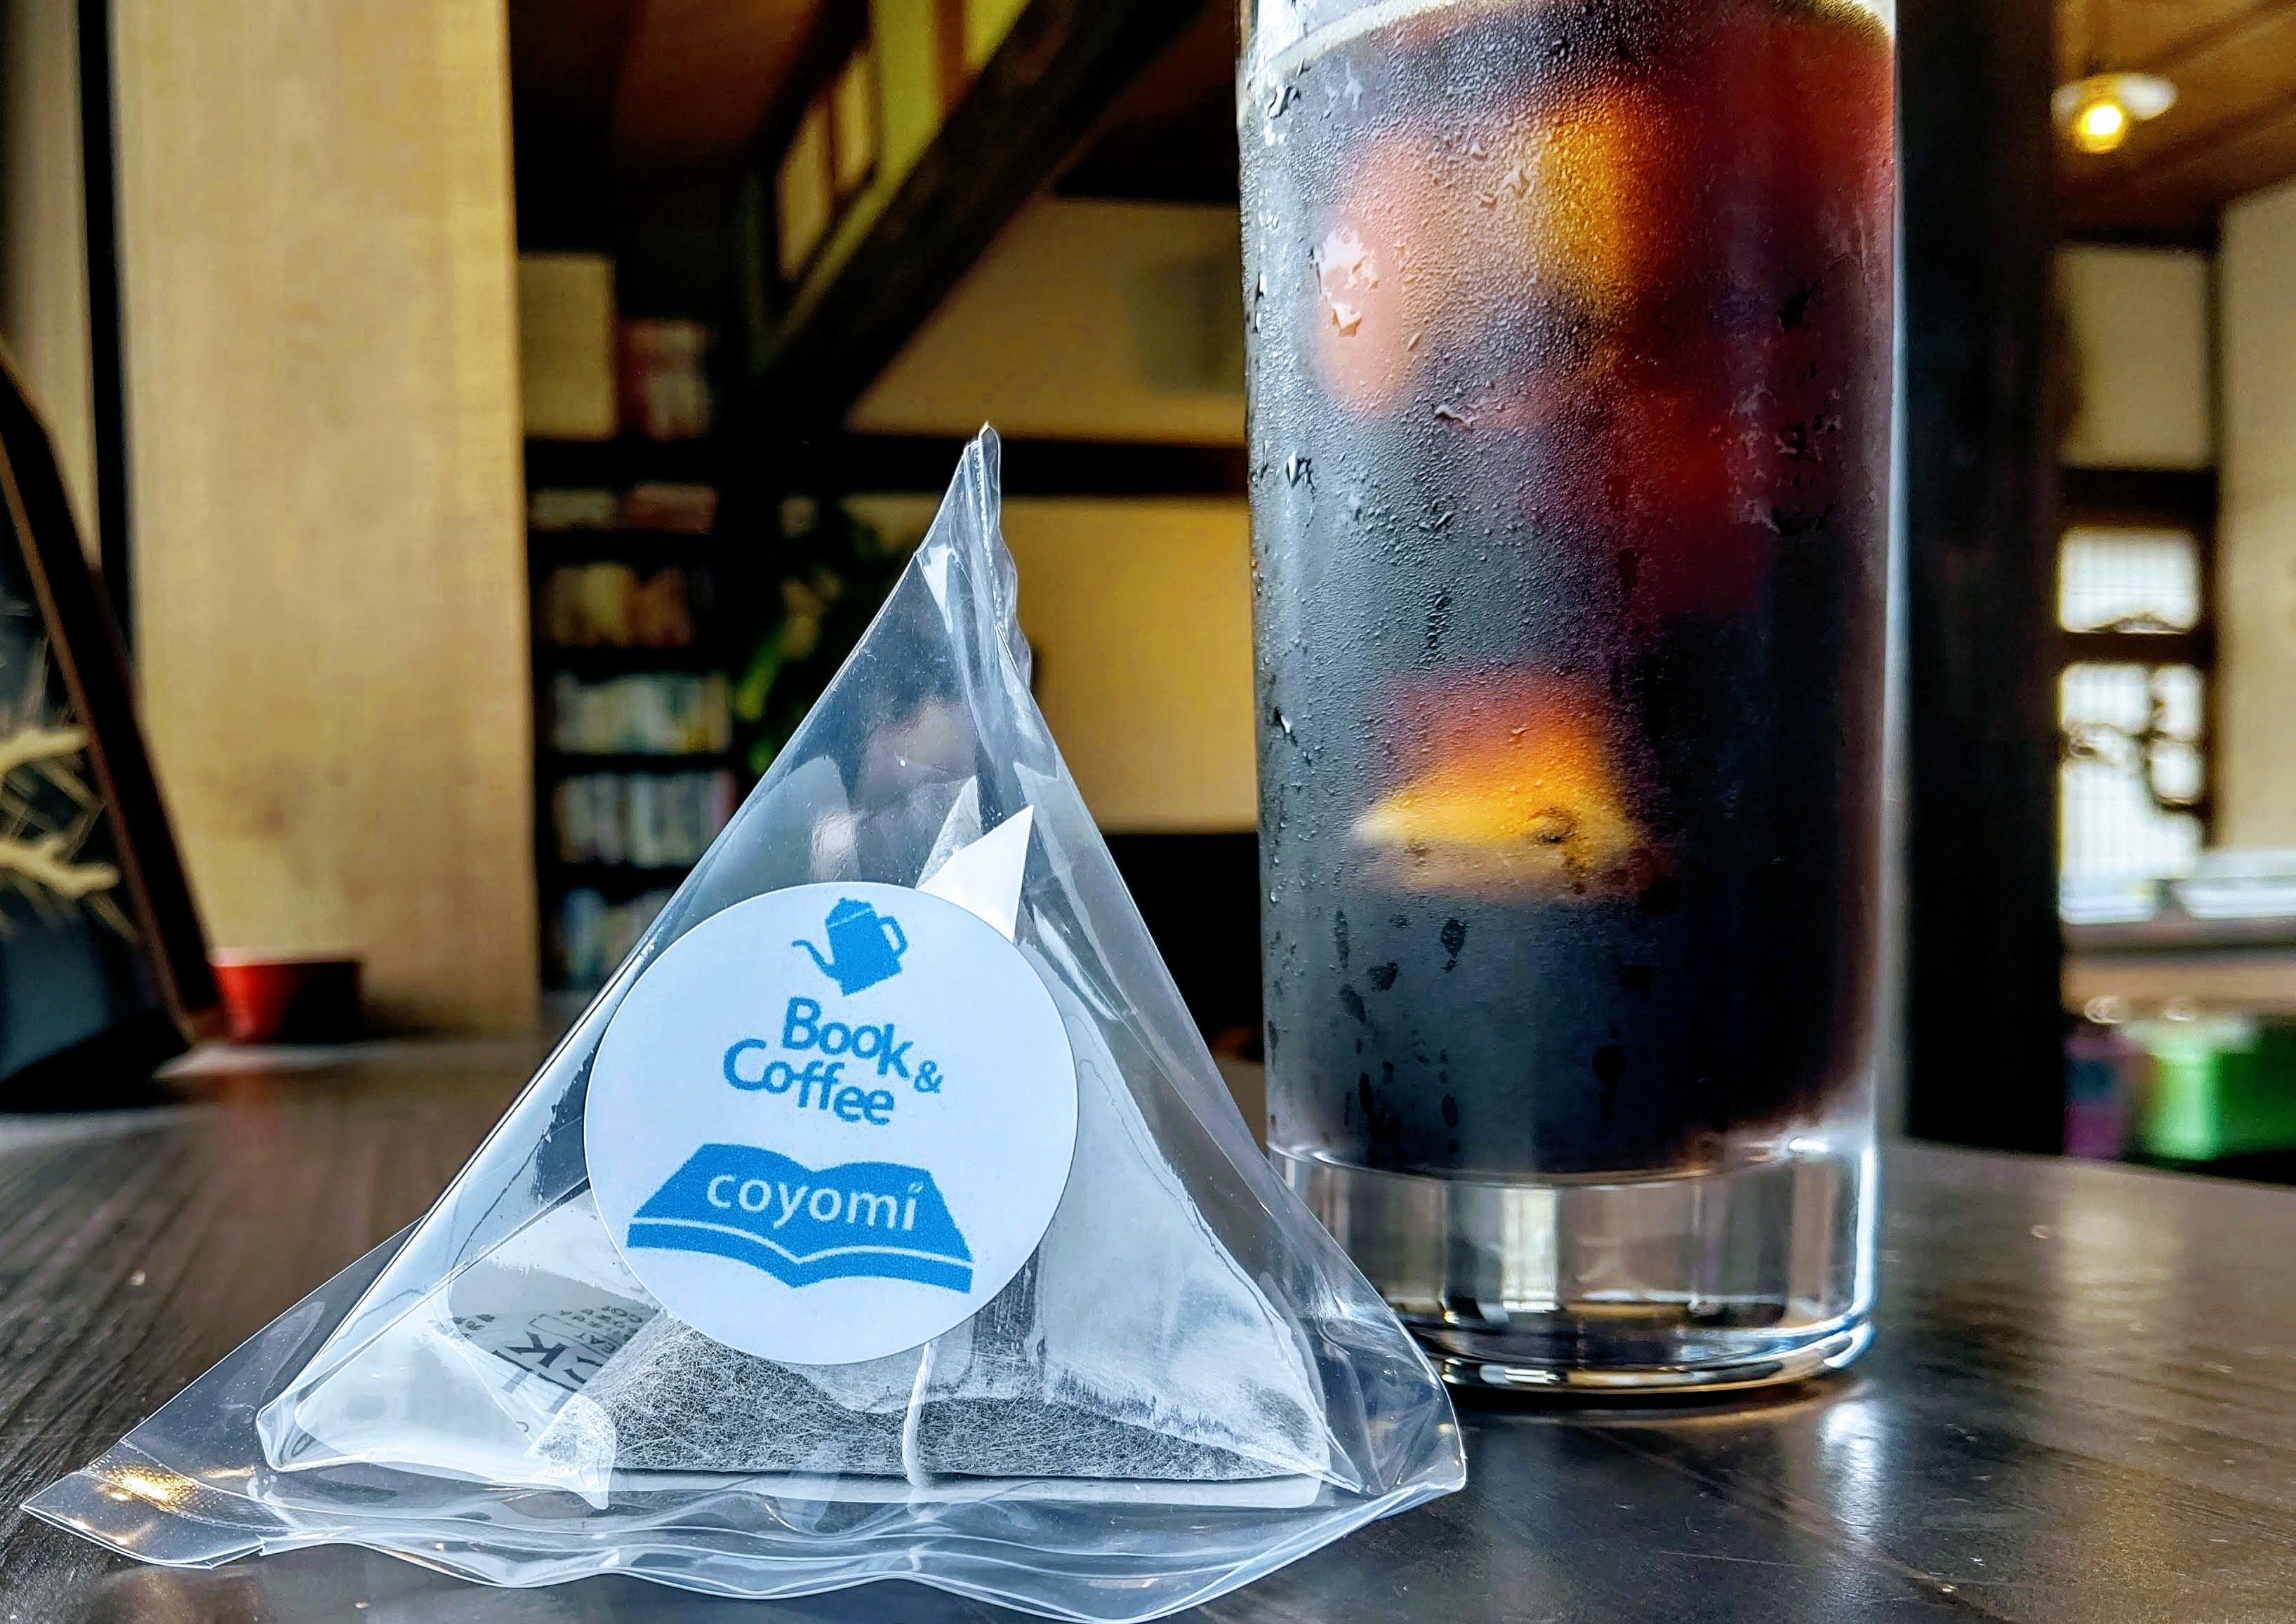 Book&Coffee coyomi/水出しアイスコーヒーパック